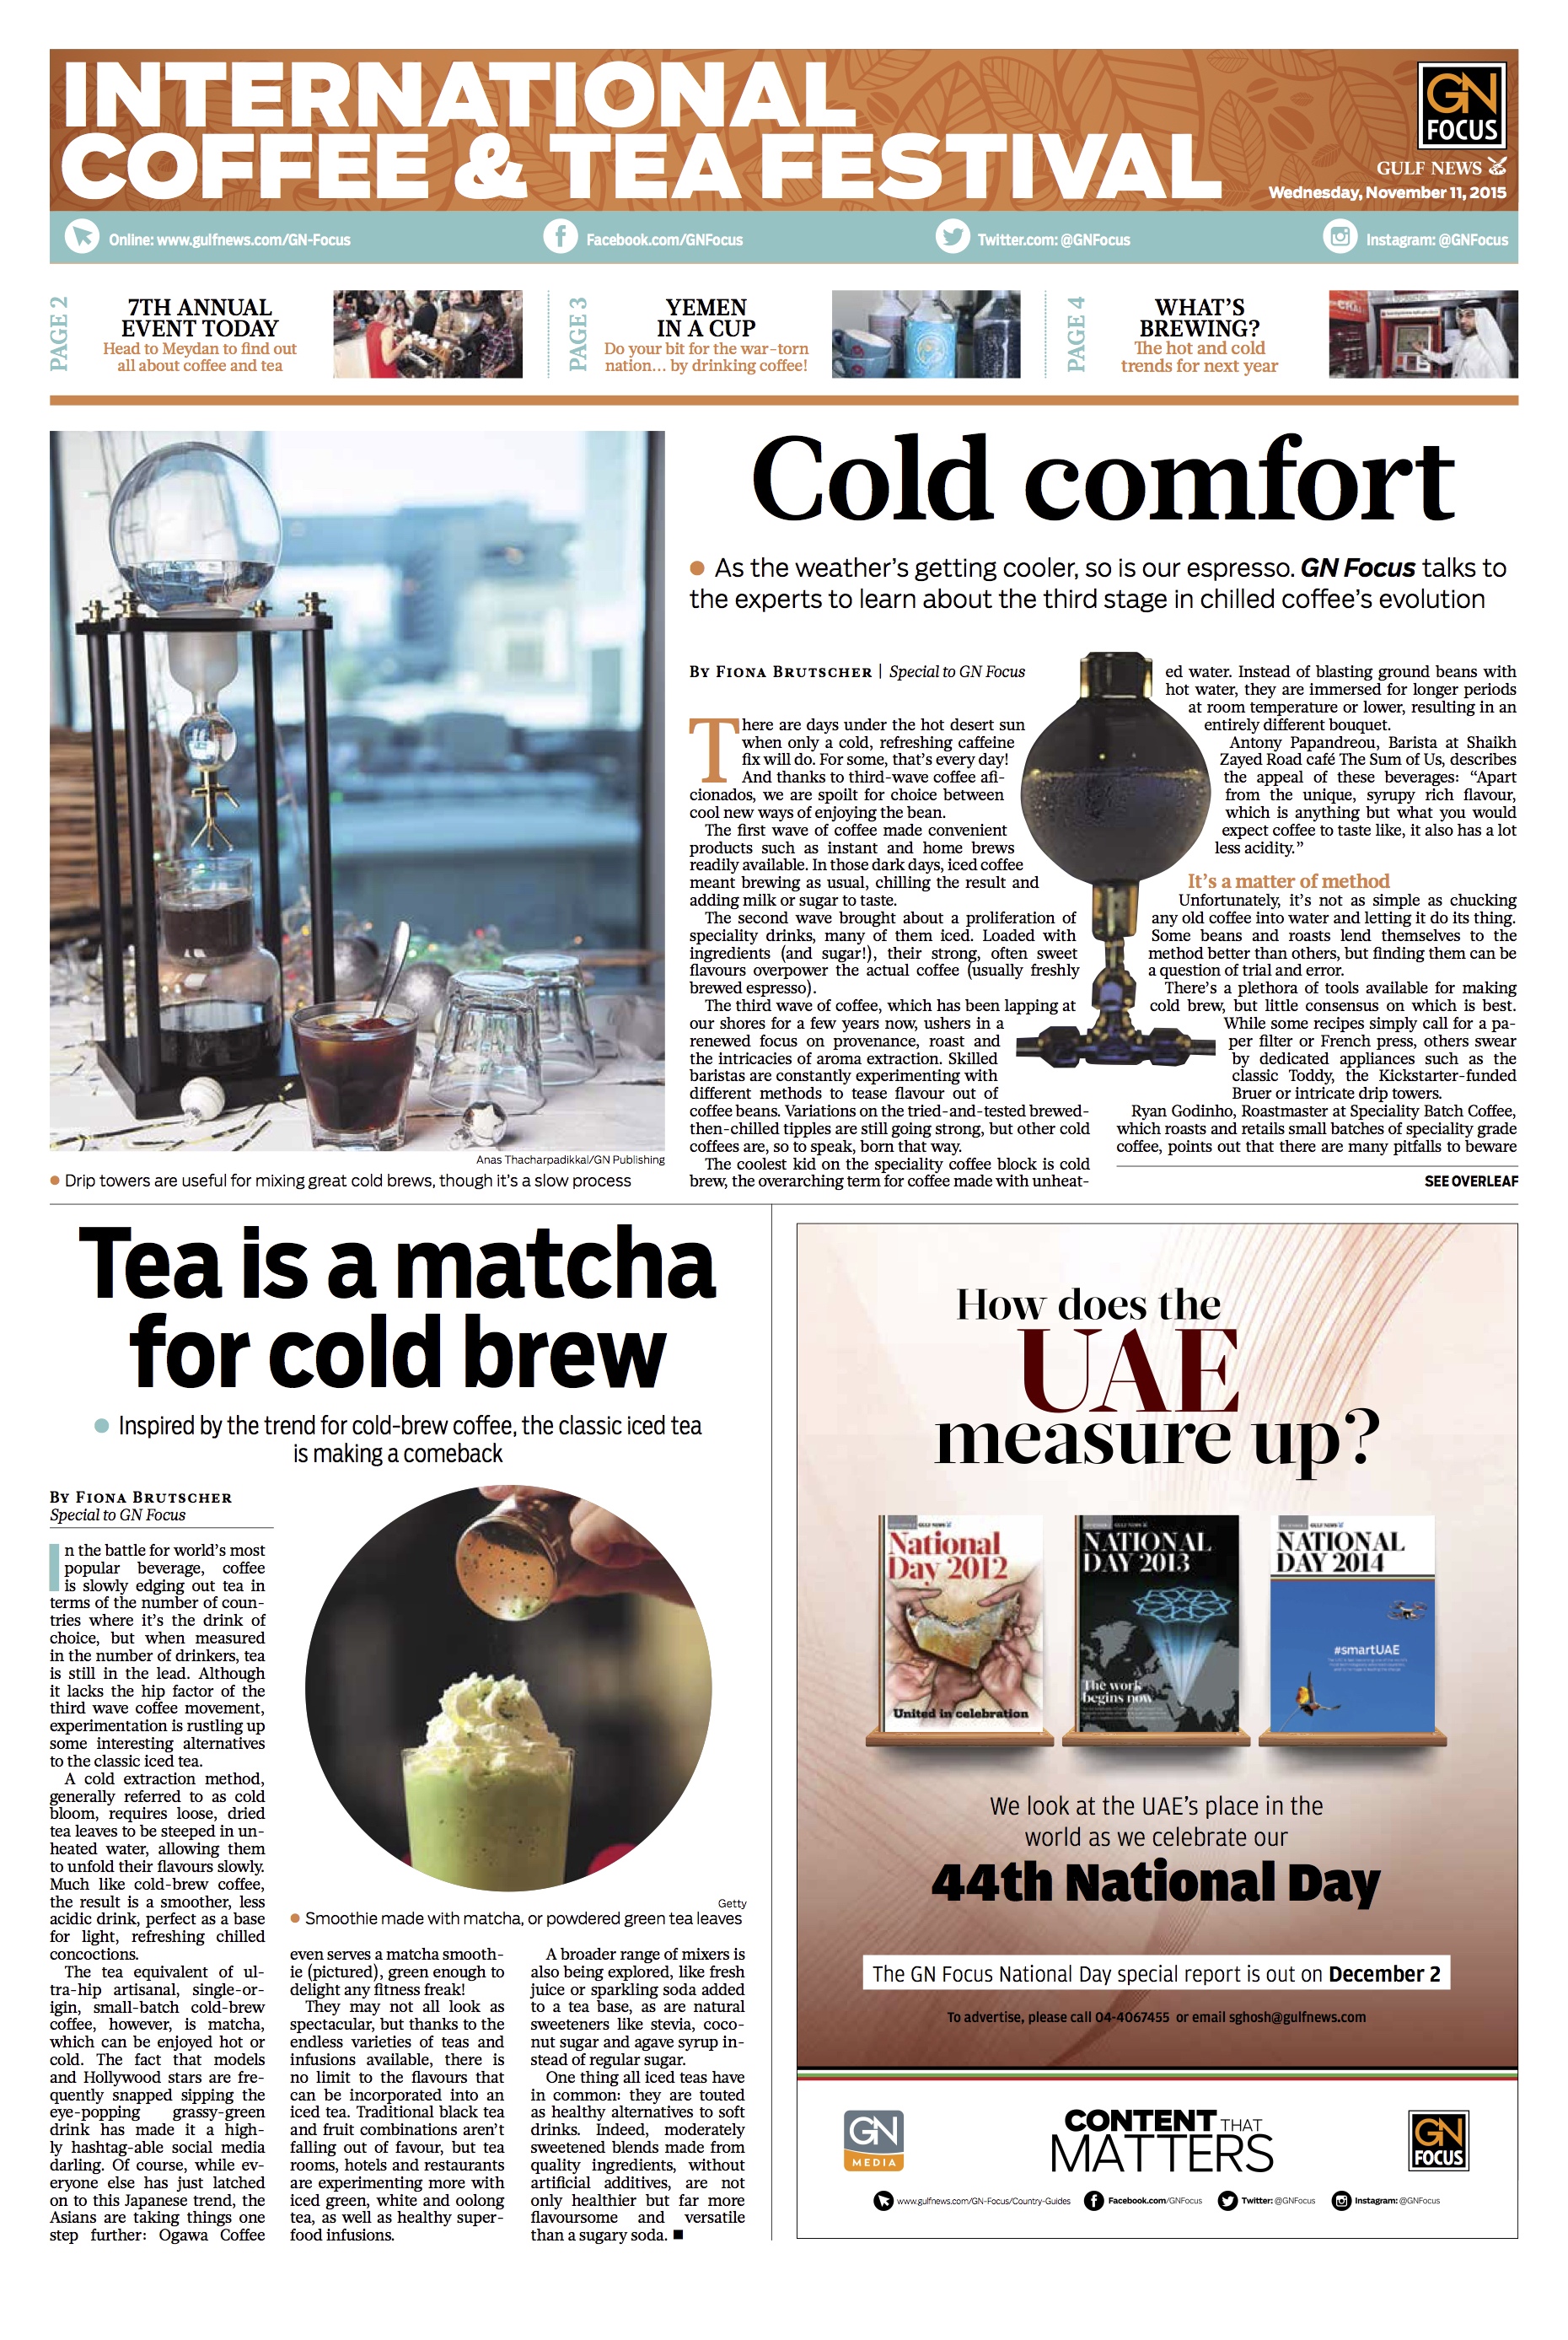 Gulf News | Fiona Brutscher